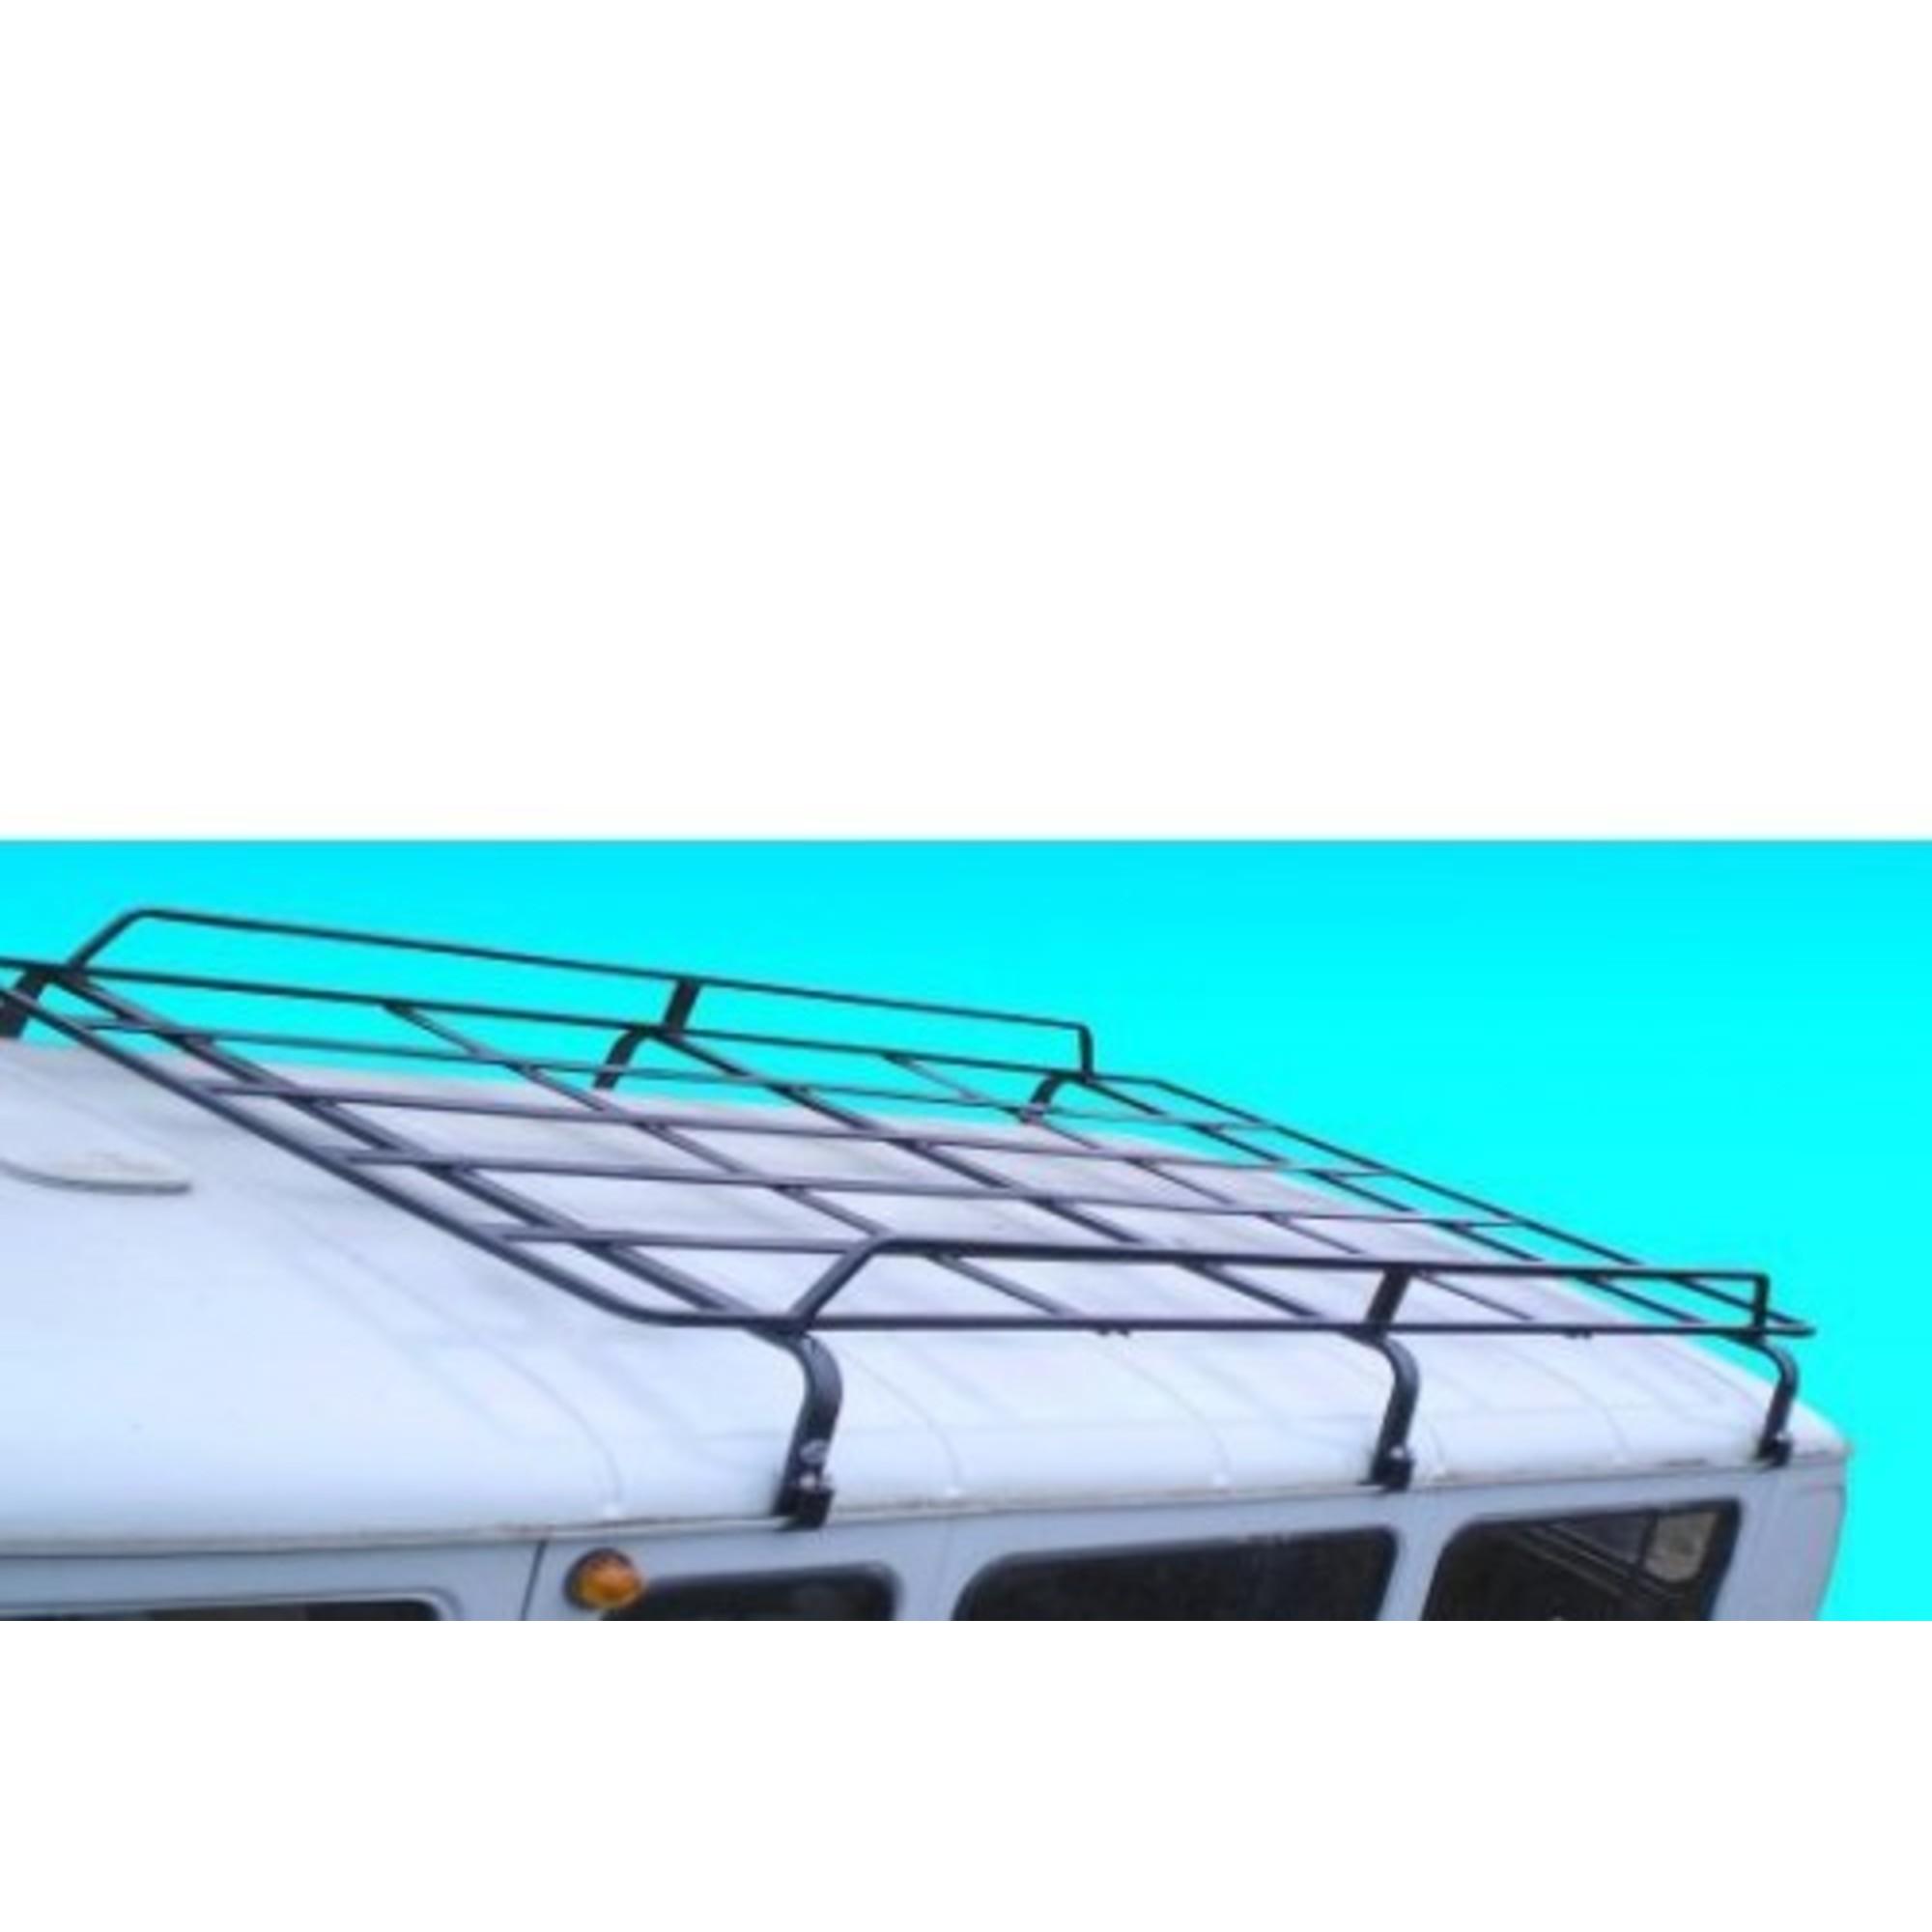 Багажник УАЗ 452 Стандарт 6 опор 2.5м